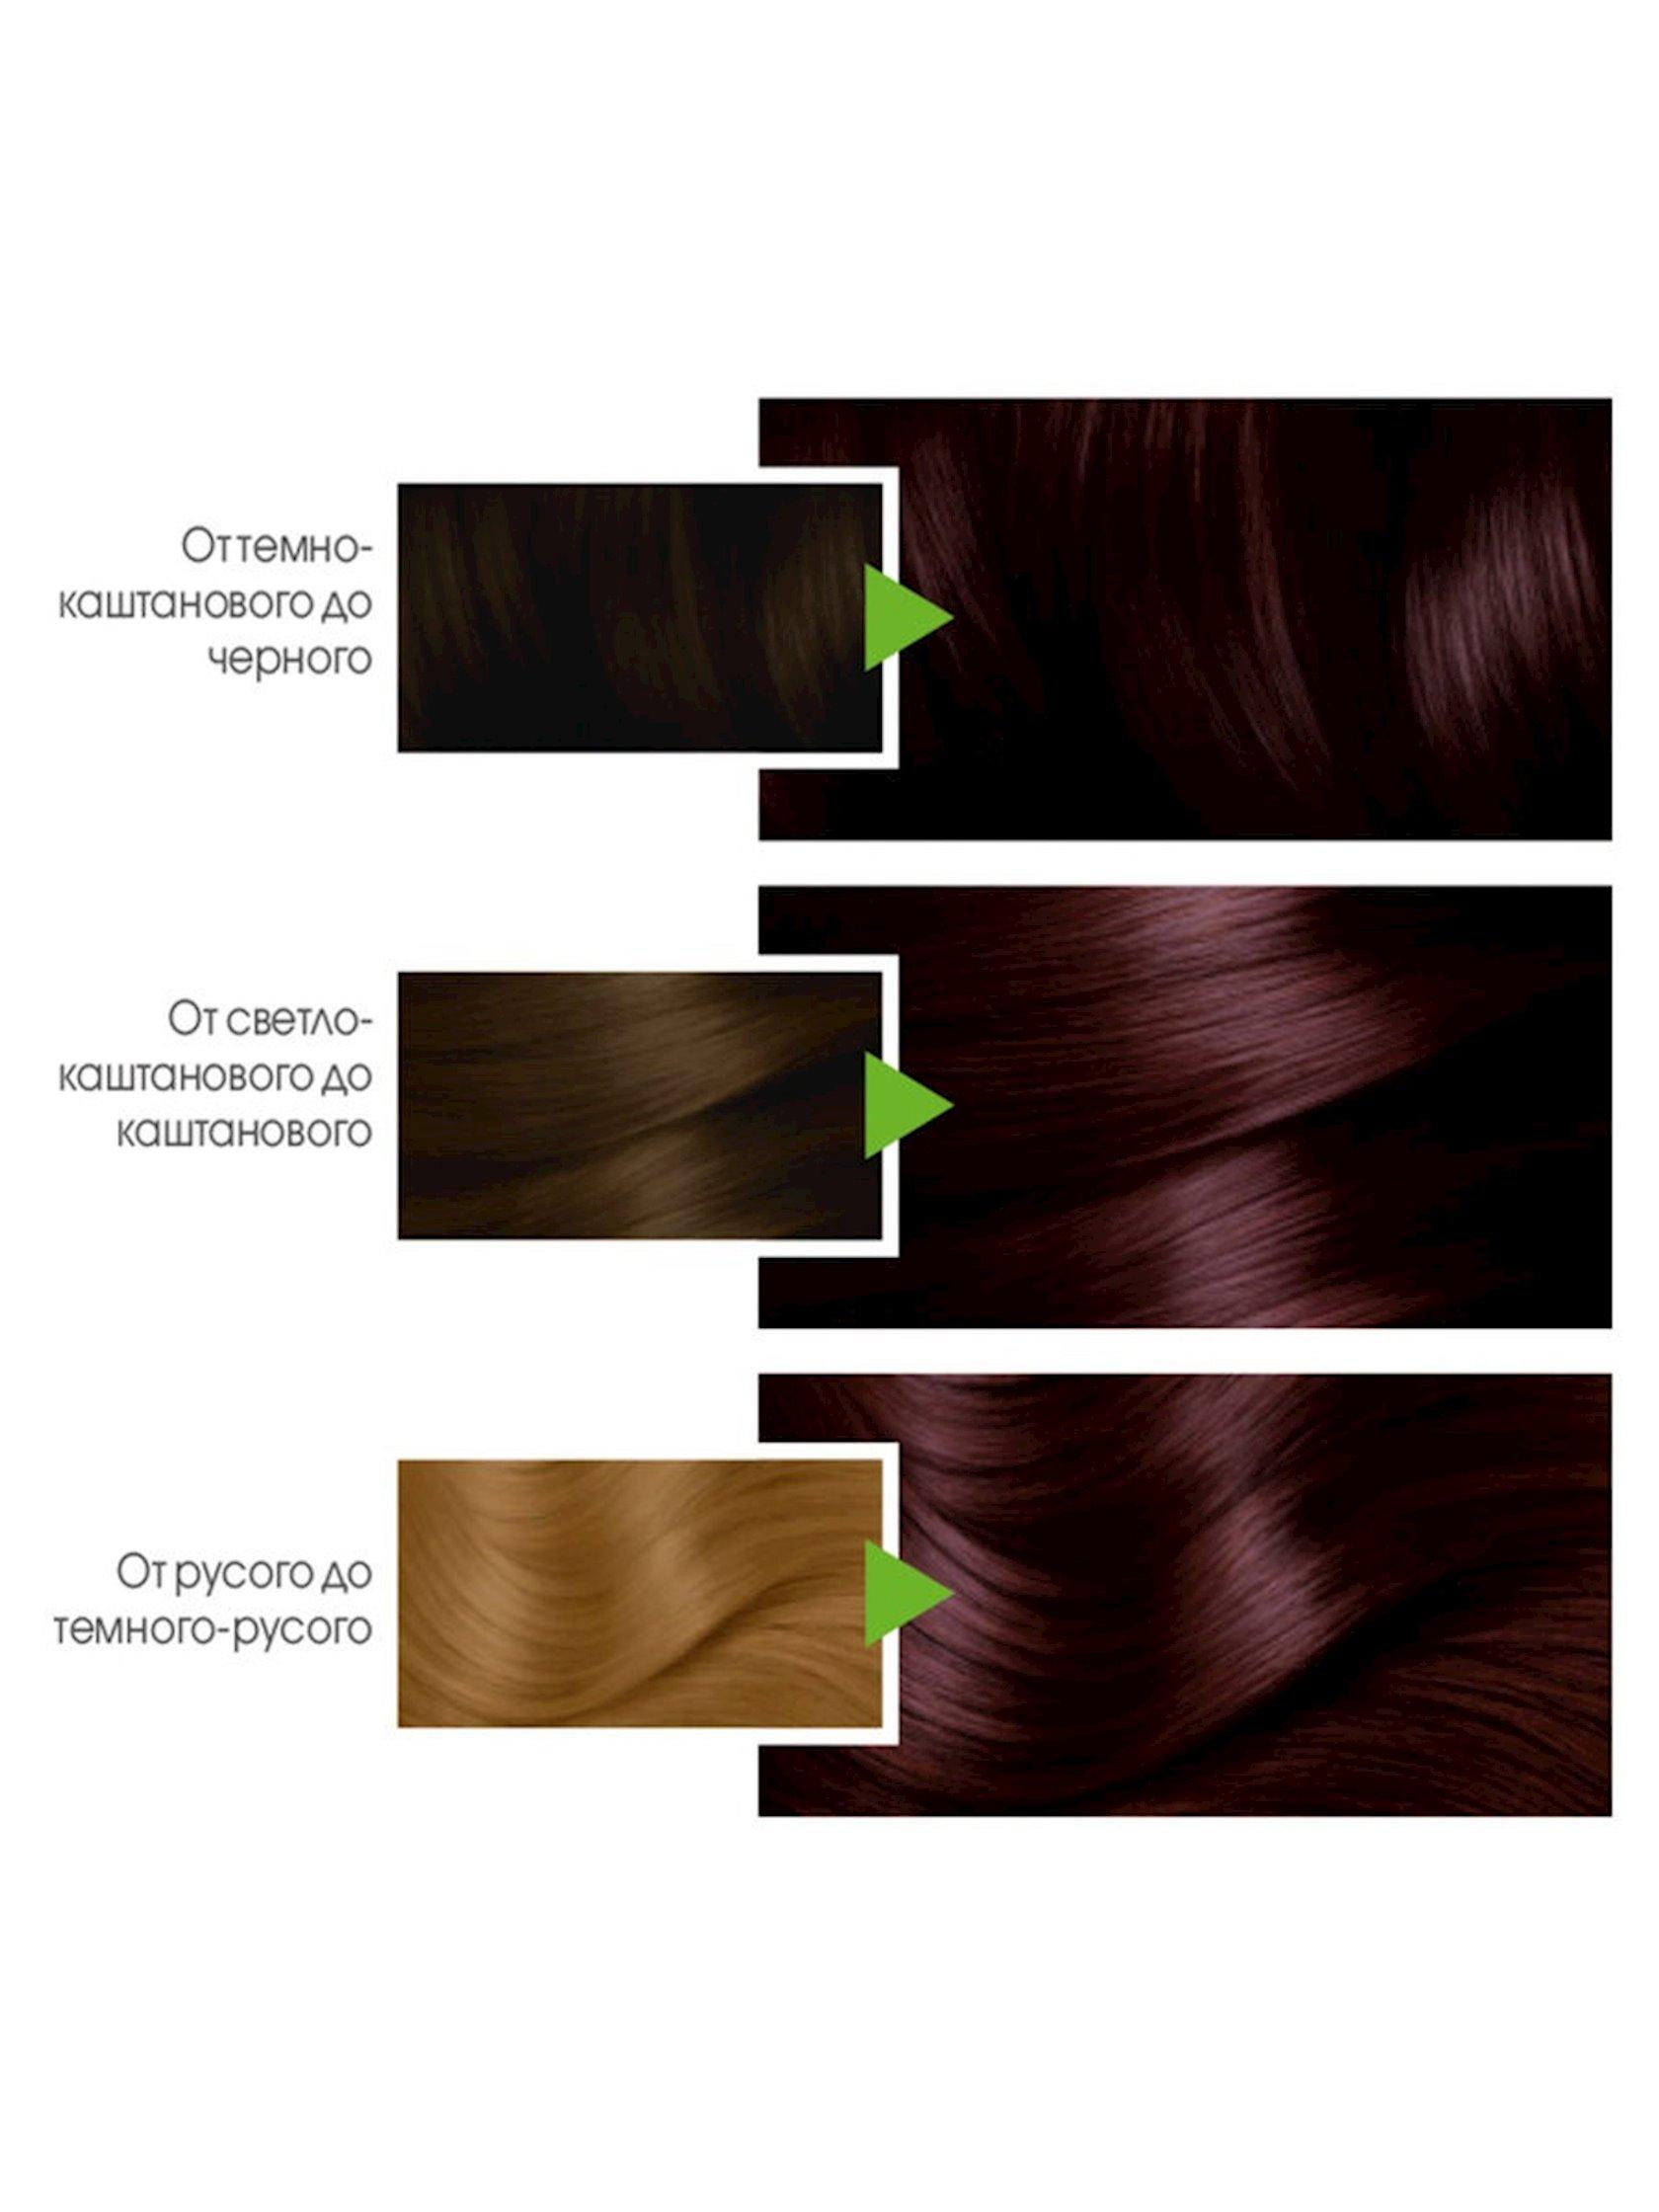 Saç üçün qalıcı krem-boya Garnier Color Naturals 3.61 Şirəli böyürtkən